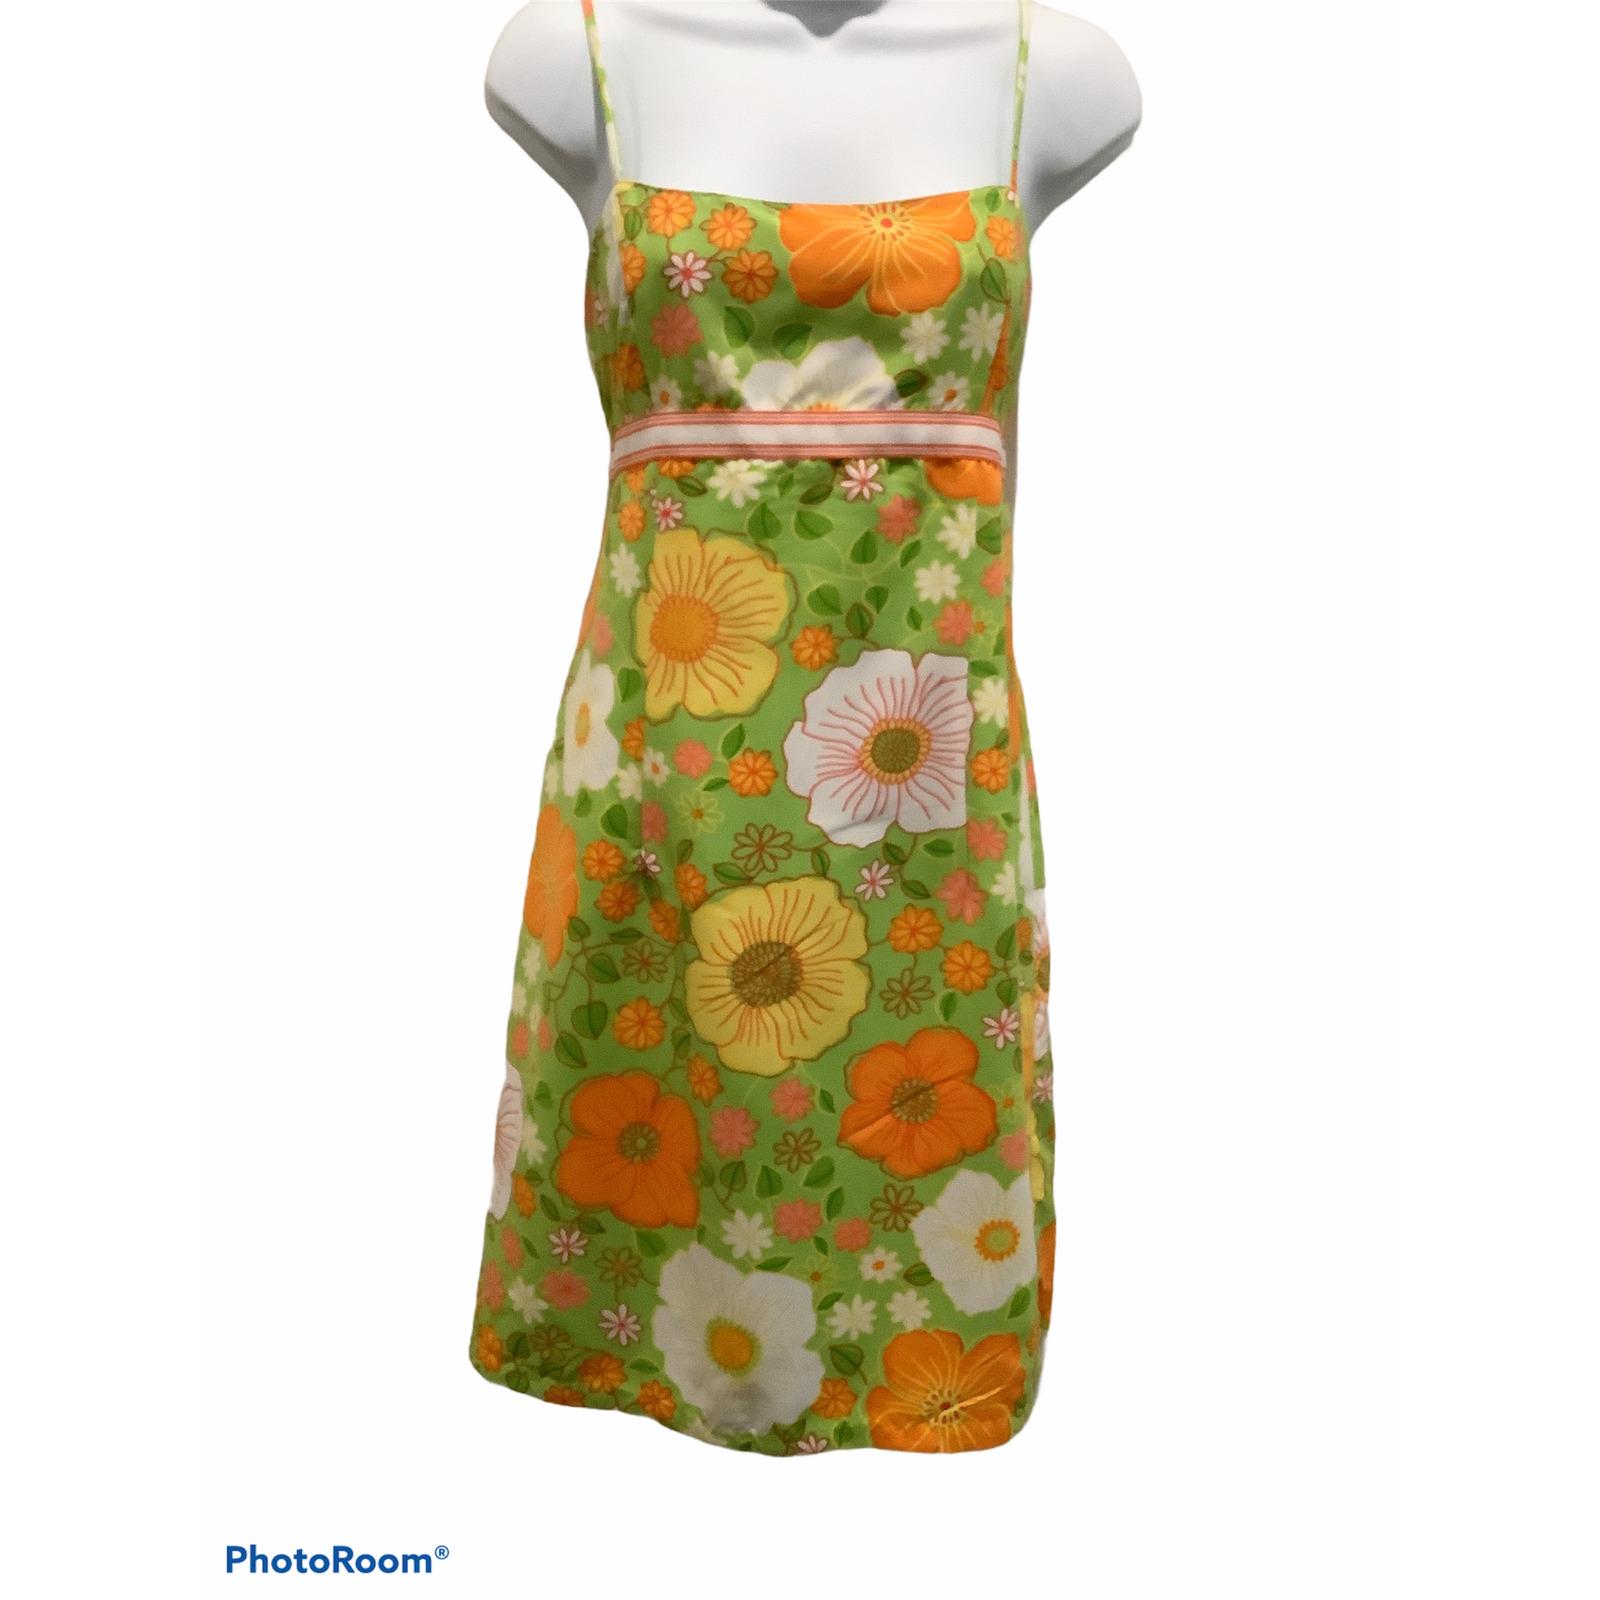 REVERSIBLE FLORAL SLIP DRESS SZ M - image 1